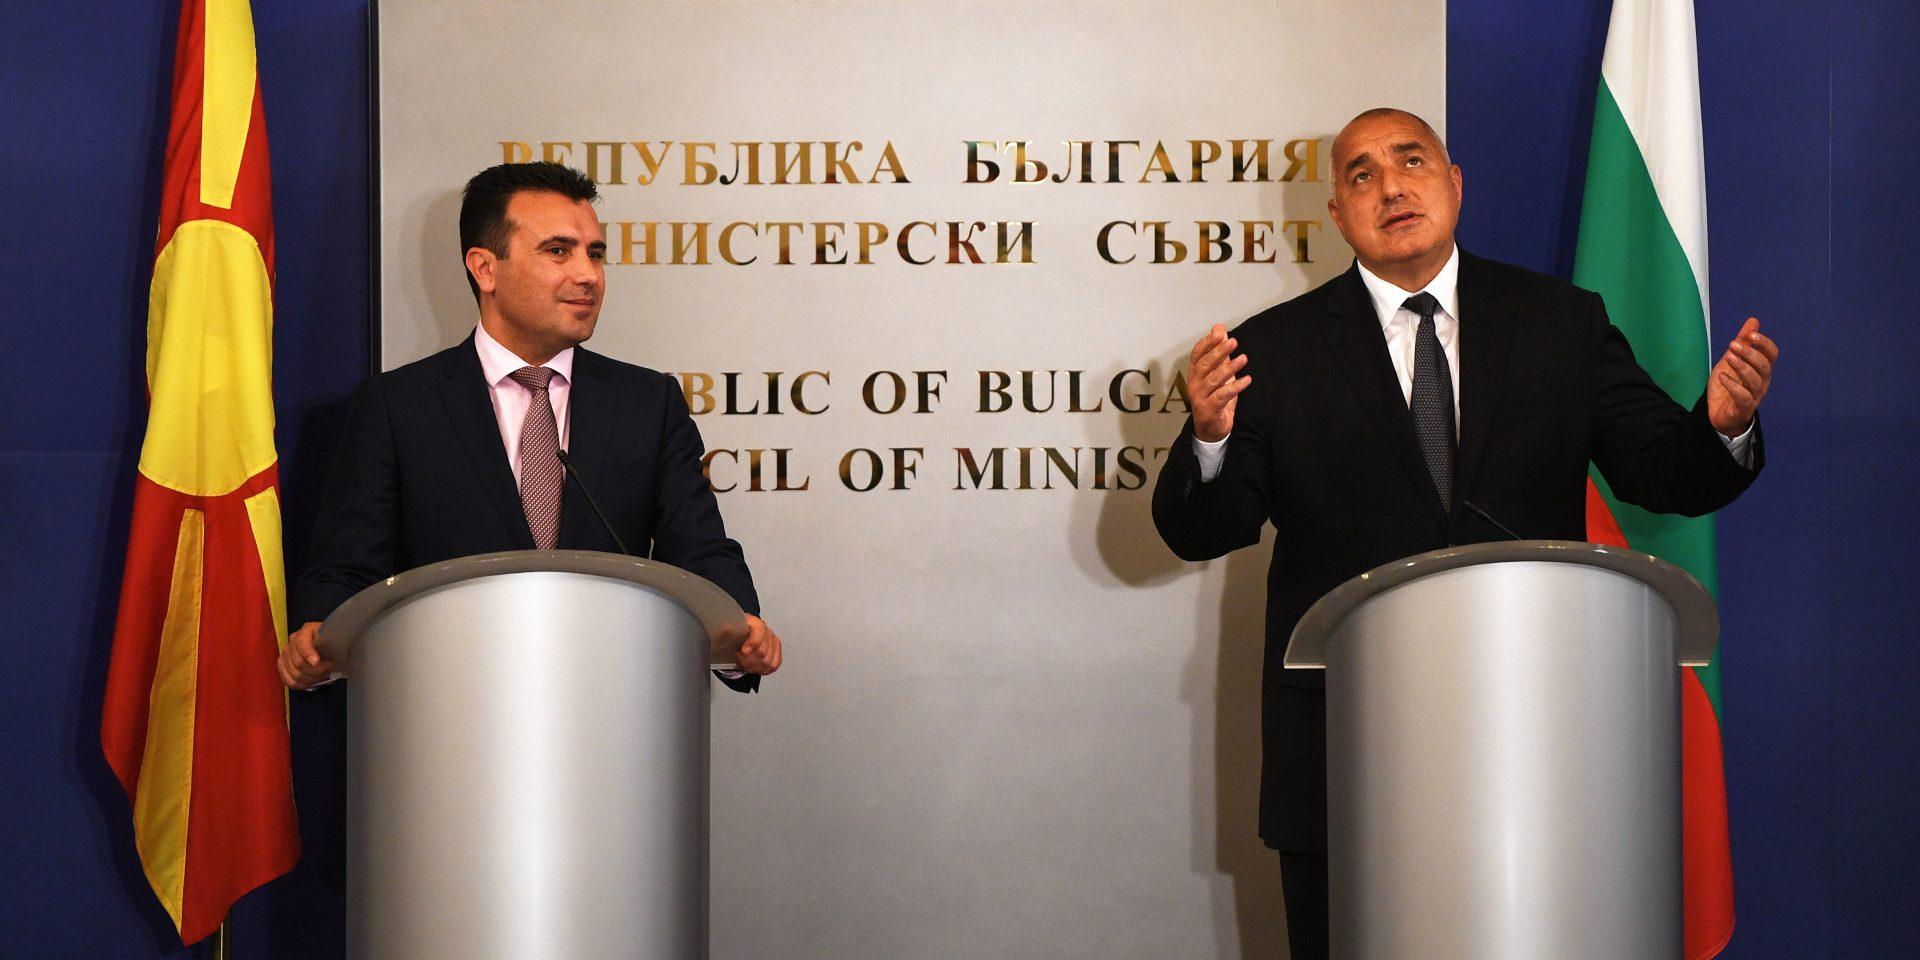 Пълен текст на договора с Македония на български език